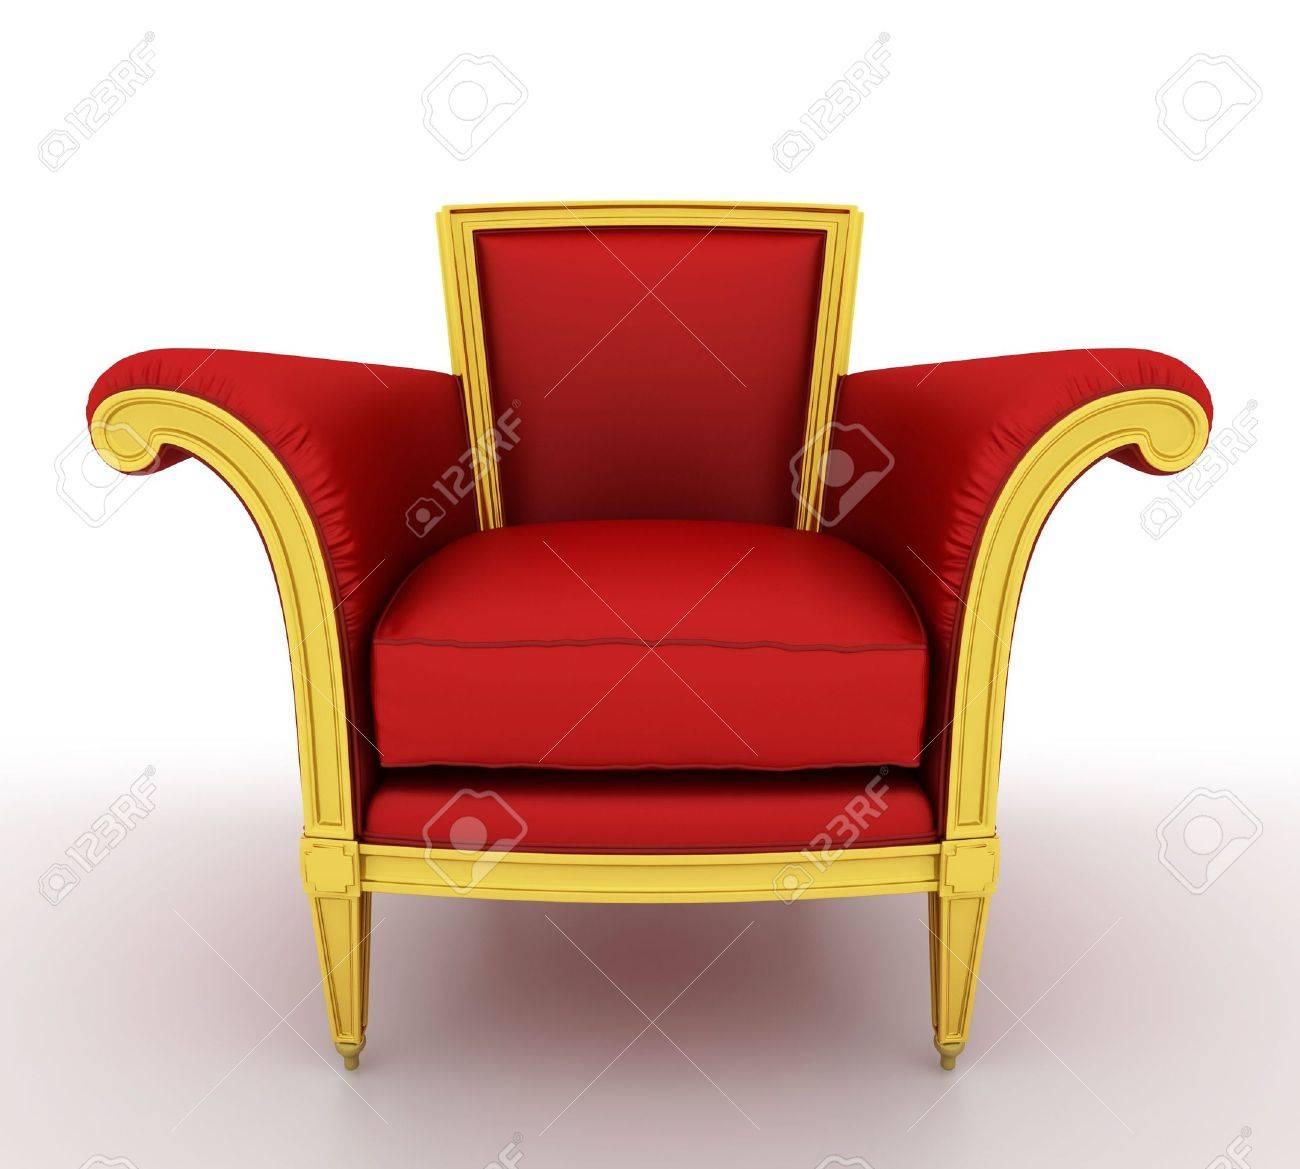 Classique Chaise Rouge Brillant Isole Sur Un Fond Blanc Banque D